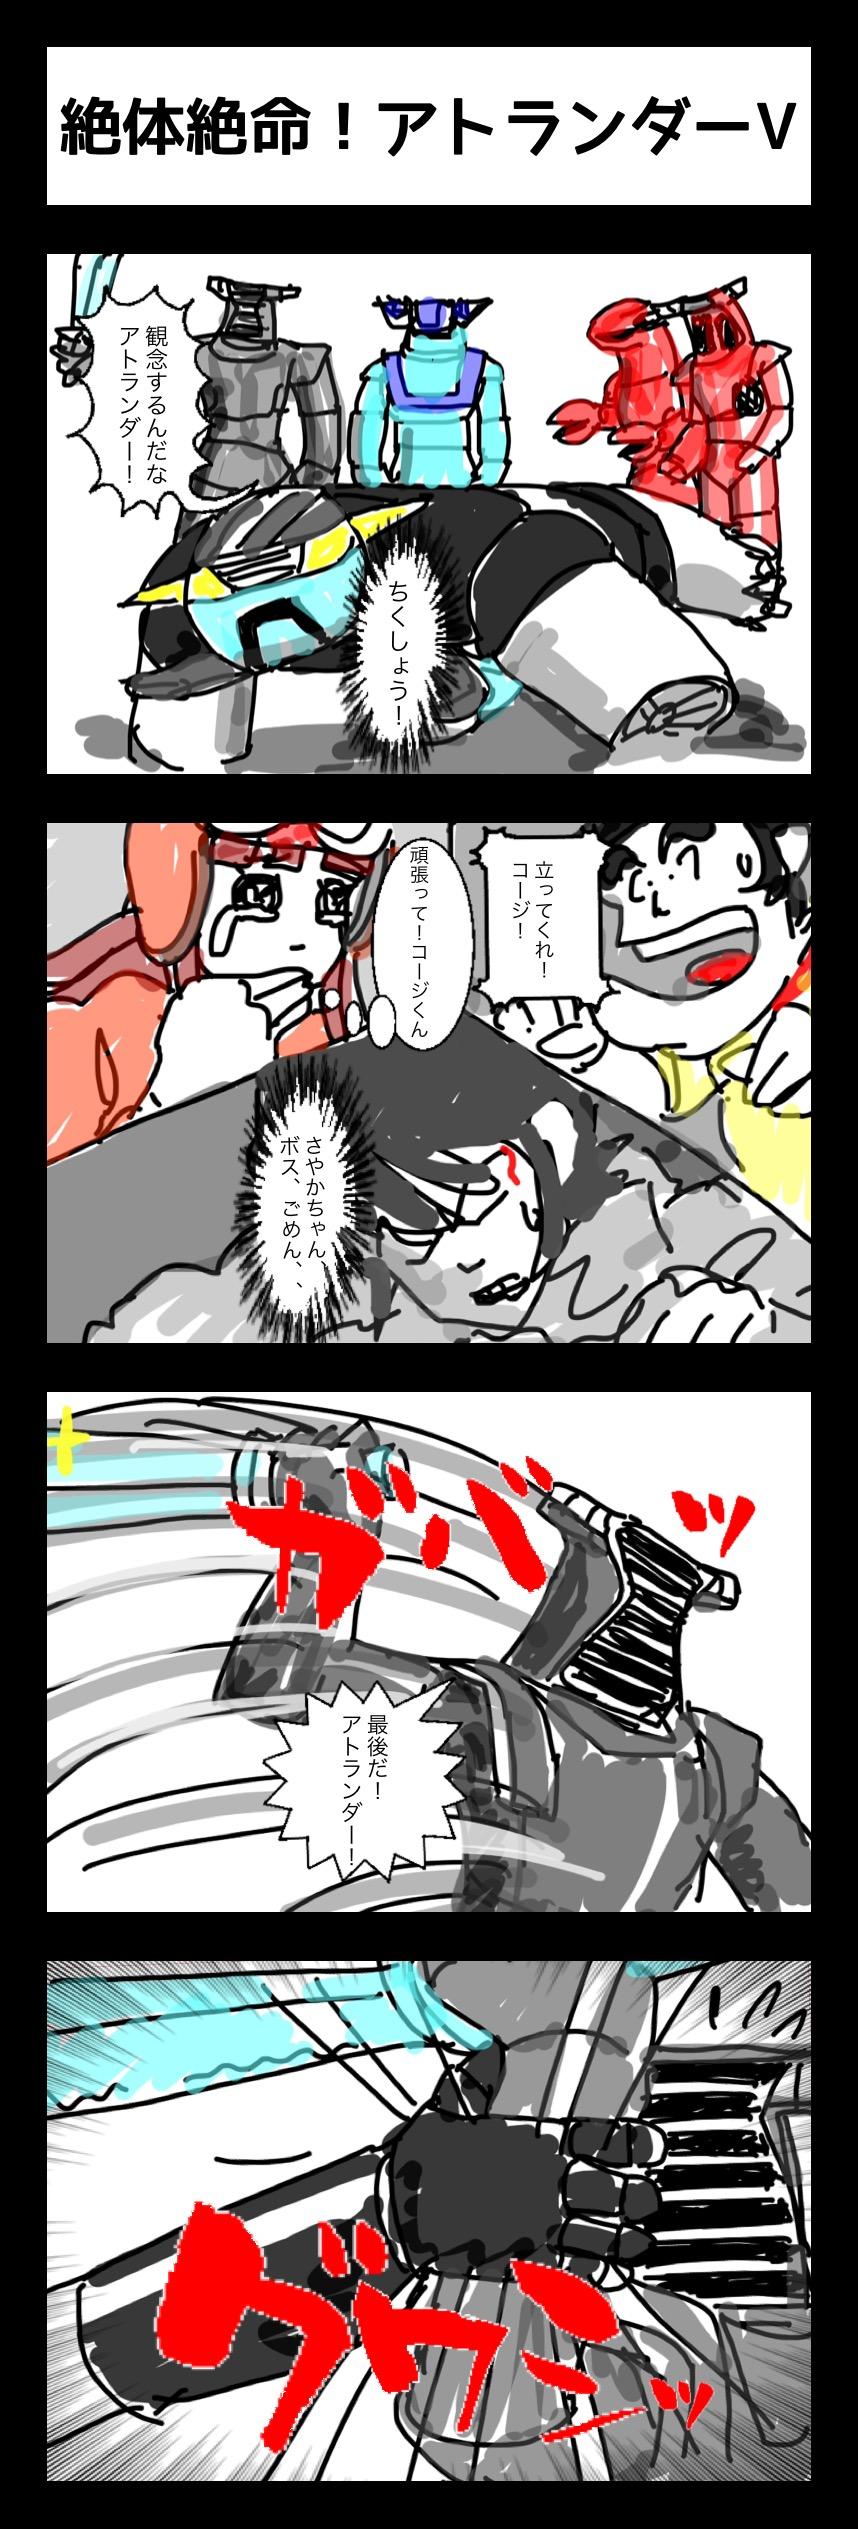 連載4コマ漫画 アトランダーV 第46話